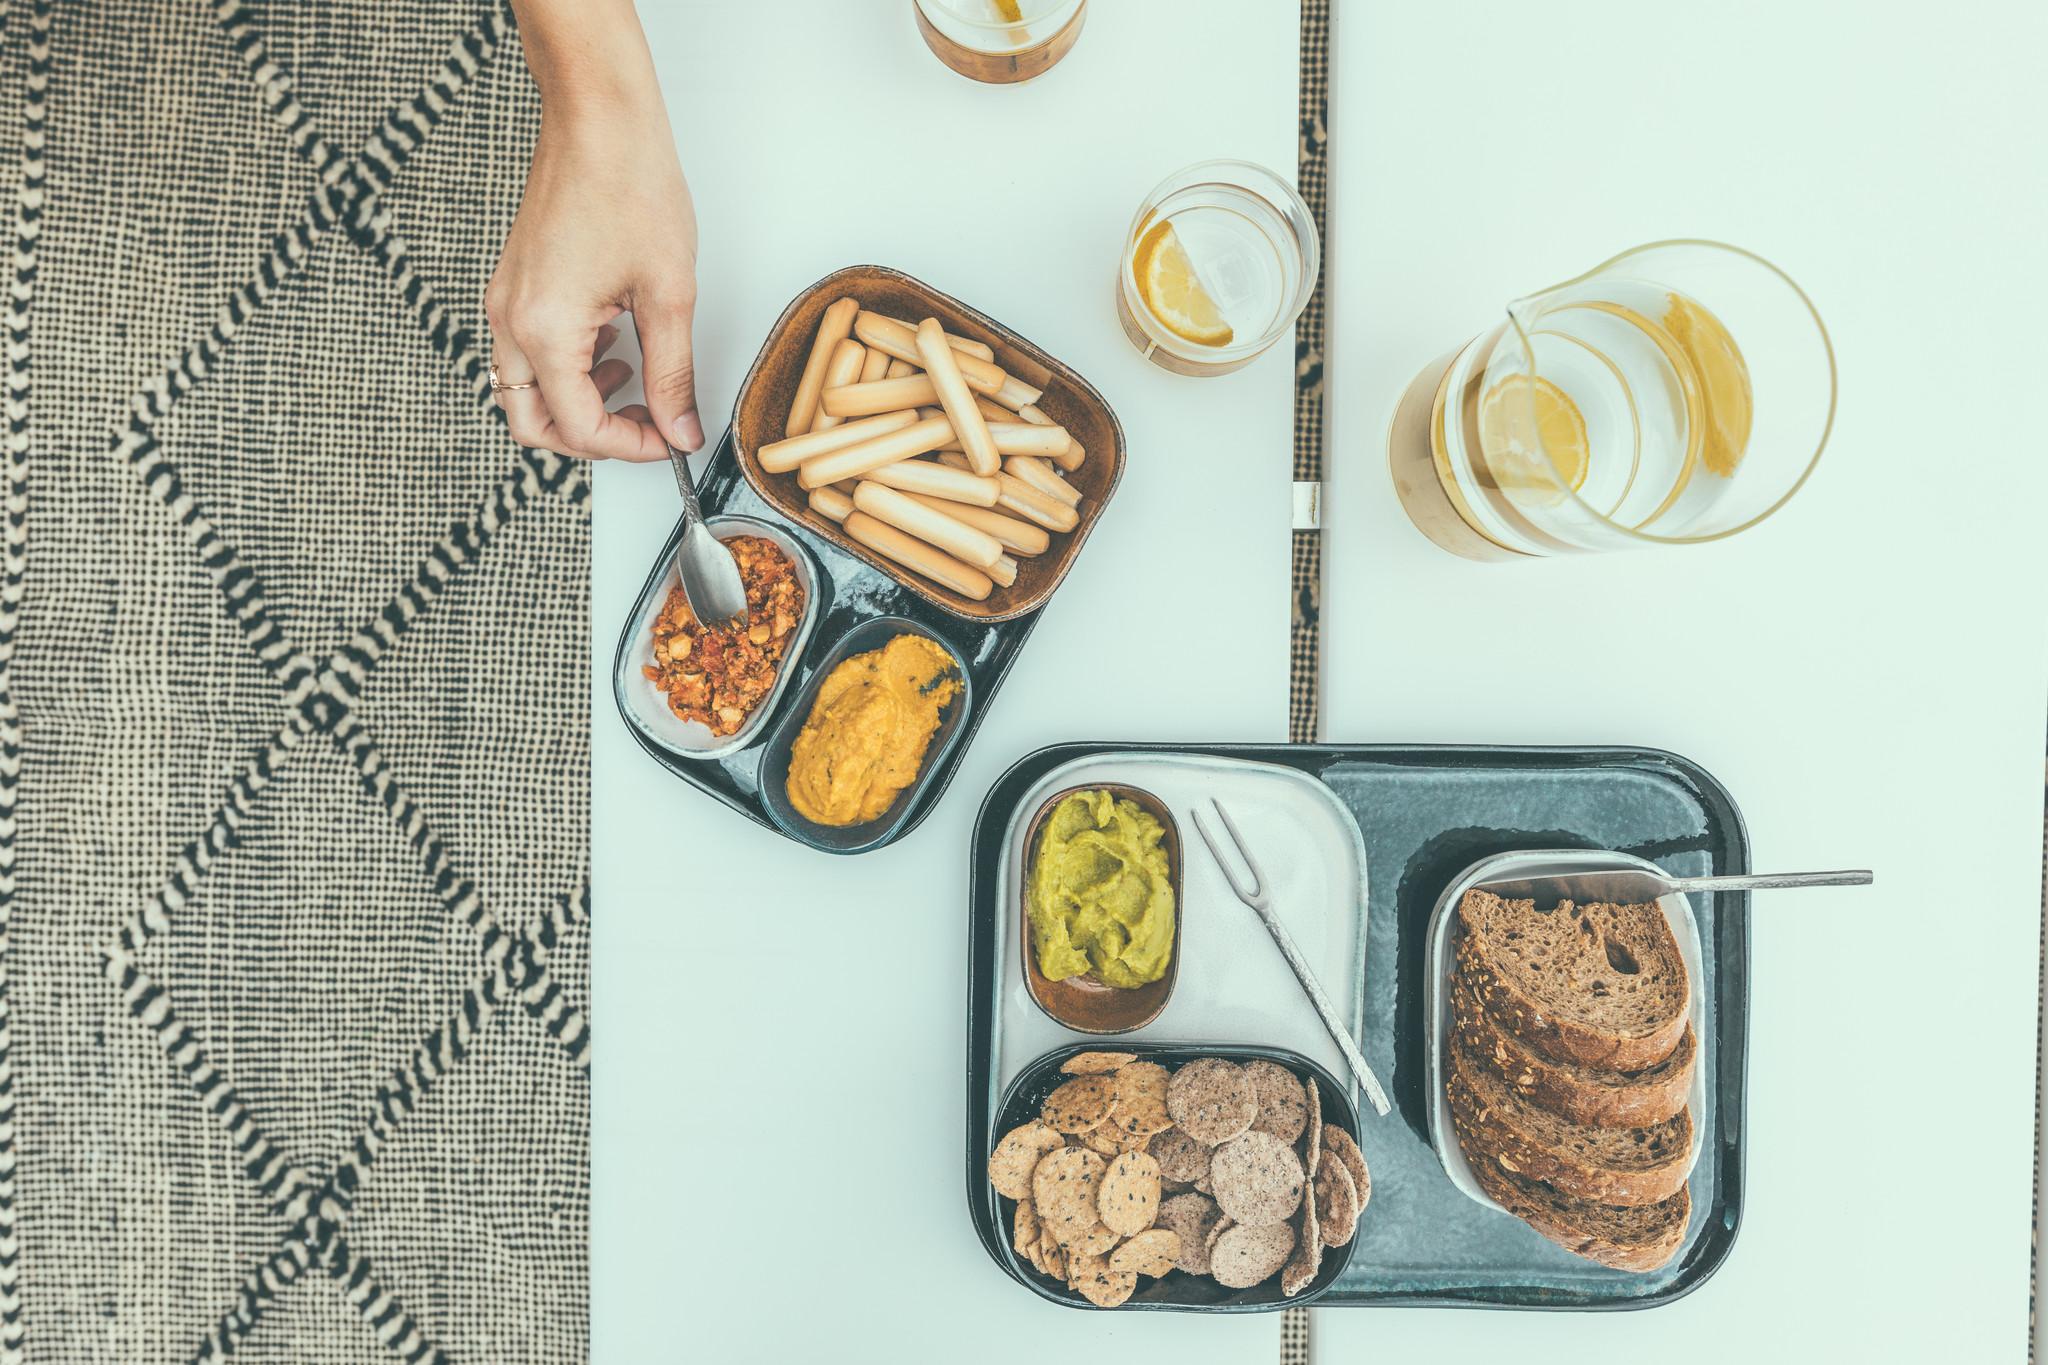 Inspiratie voor je interieur  & gezellige tafelmomenten